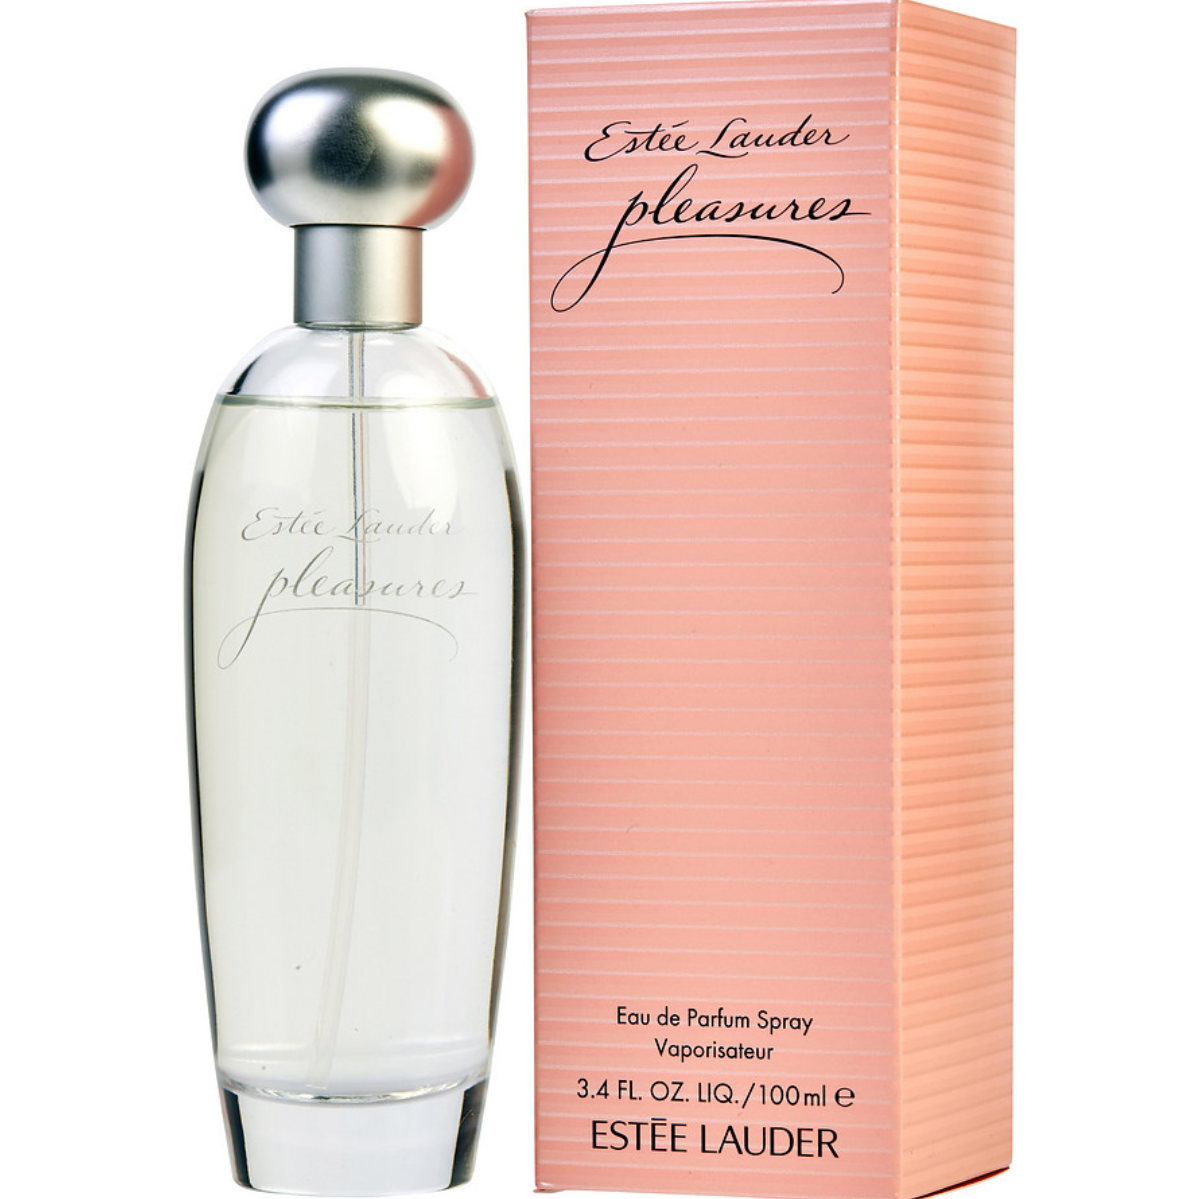 Estée Lauder - Pleasures - eau de parfum